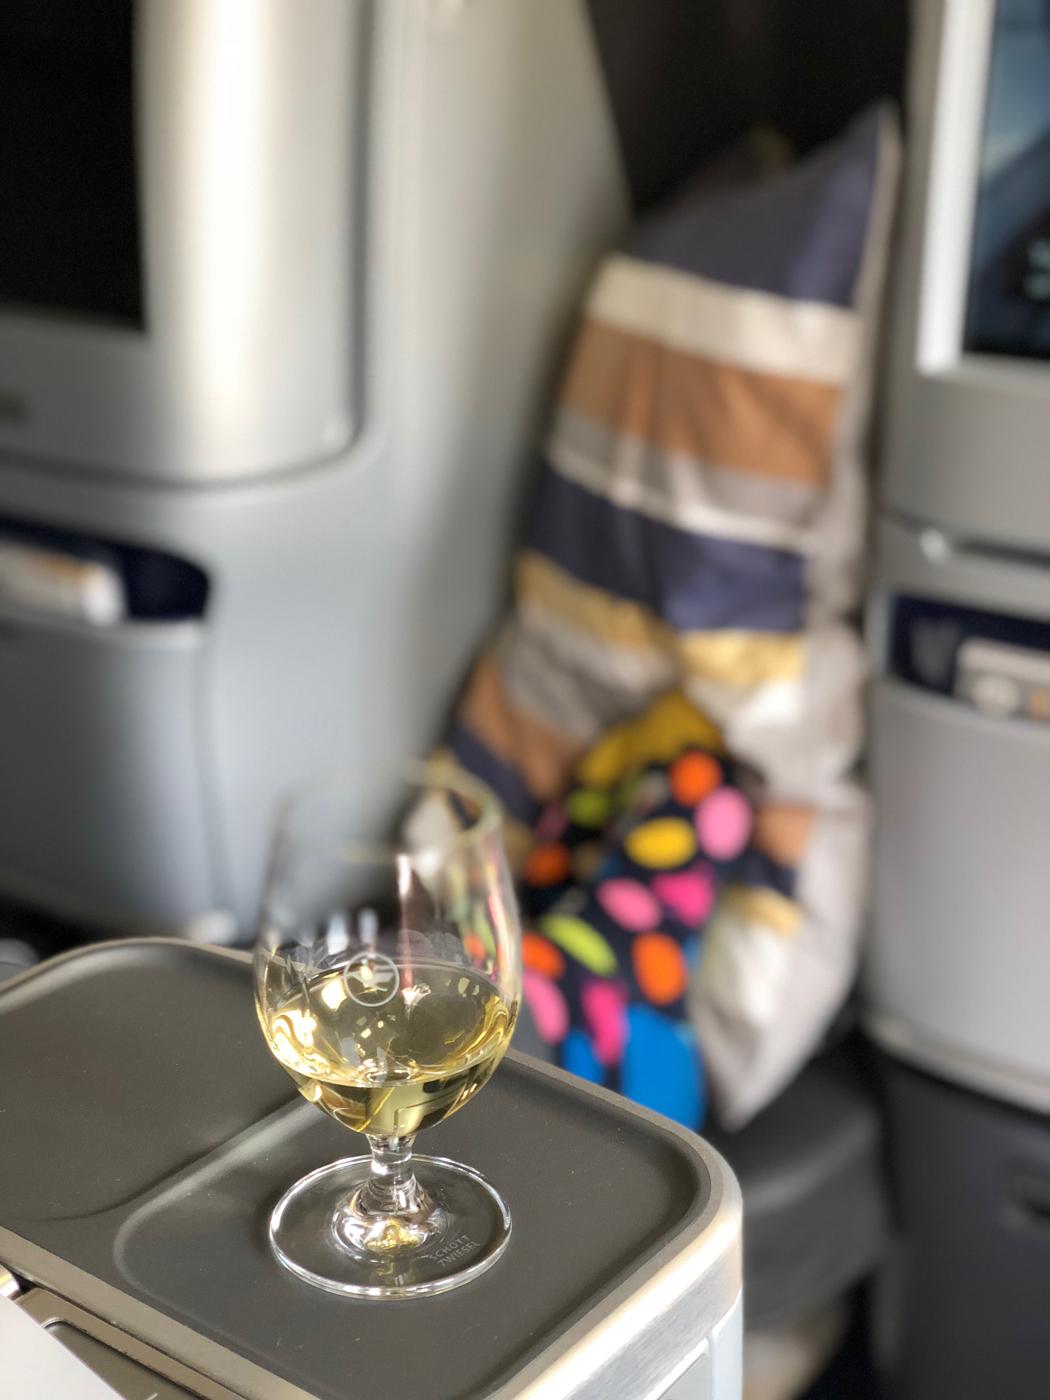 Vancouver Flug FRA YVR01